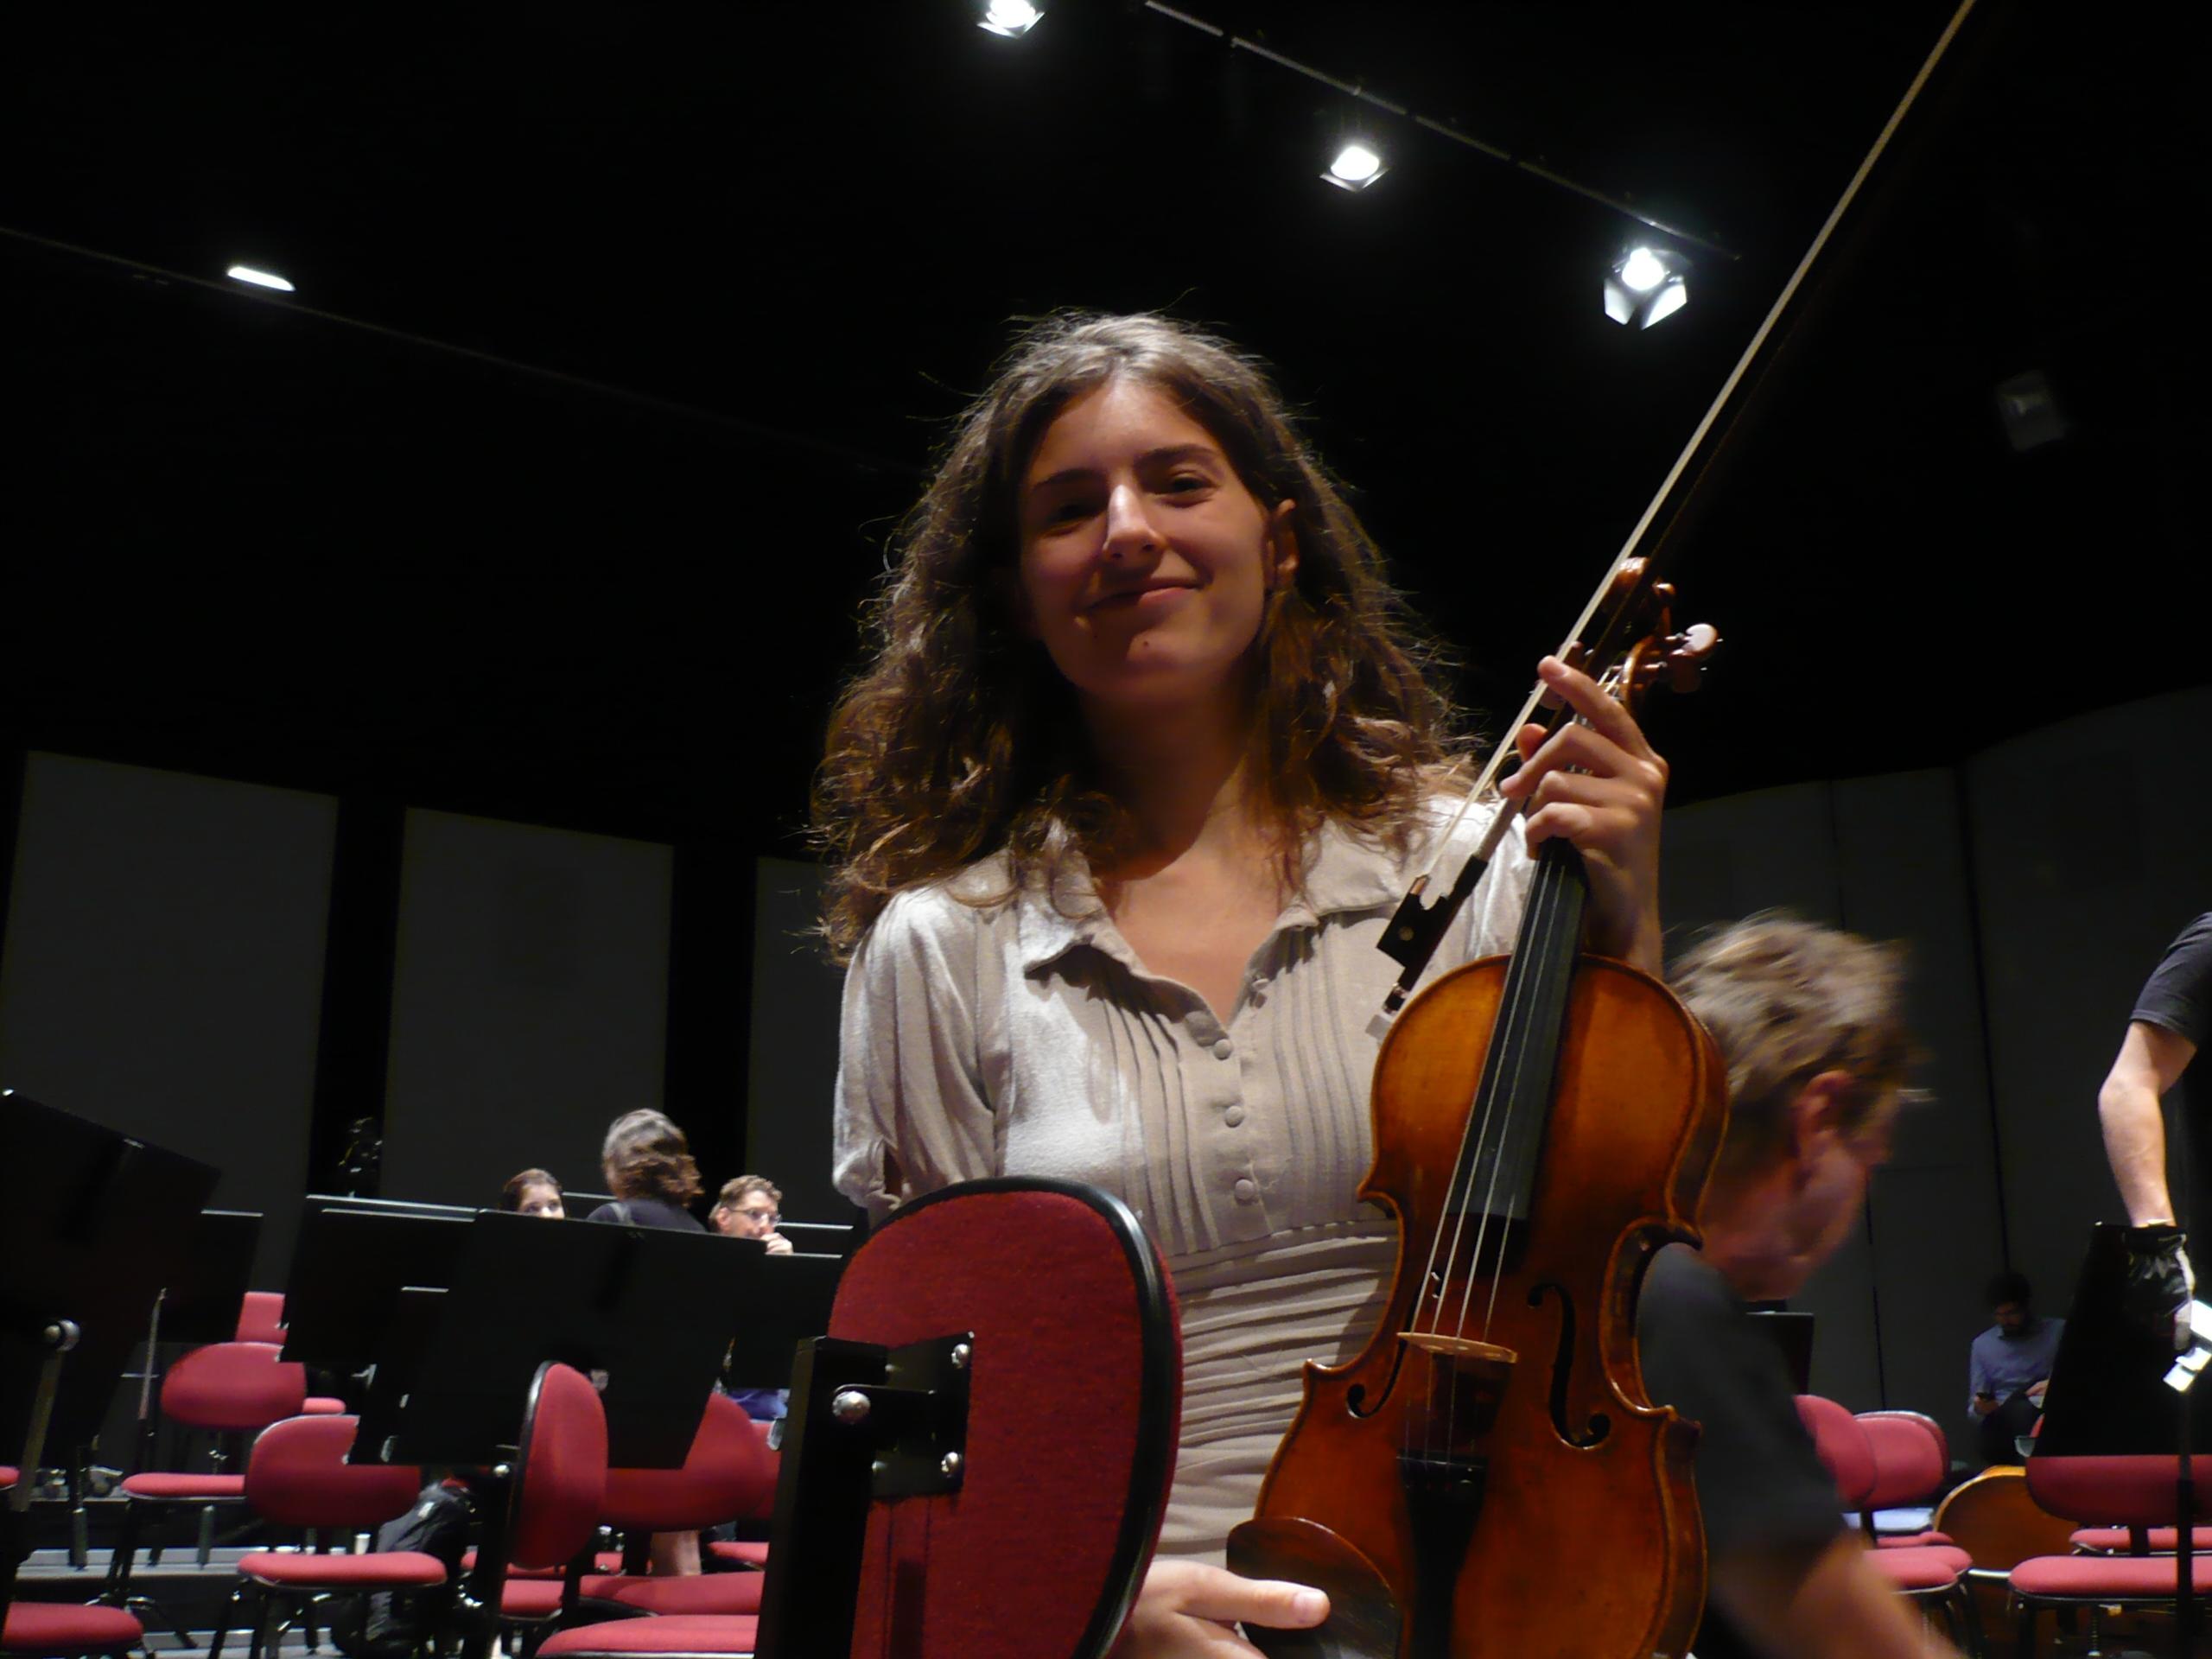 Pornostjerne escort london gladsaxe symphony orchestra